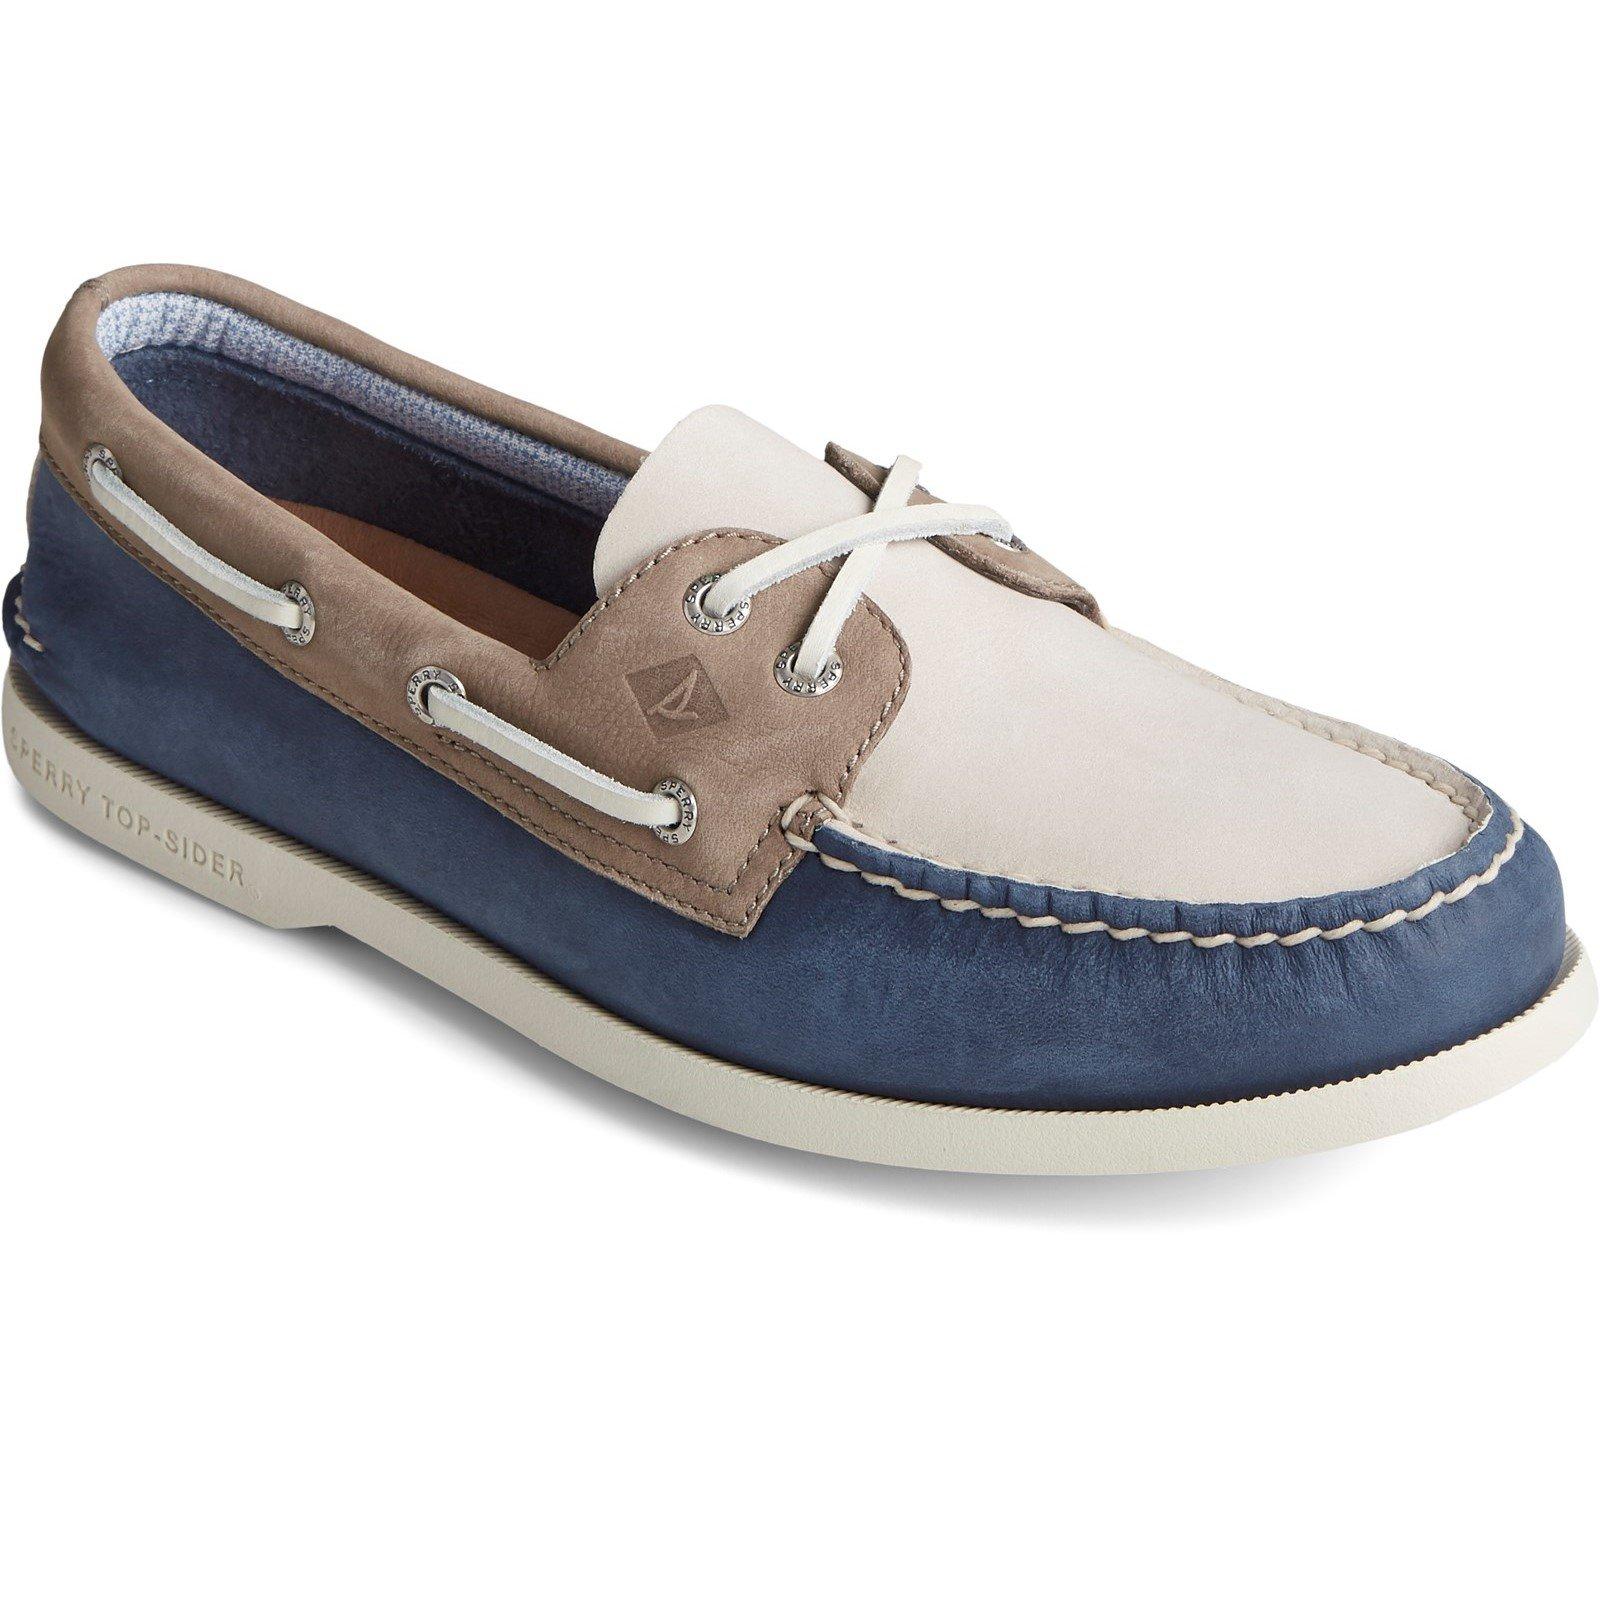 Sperry Men's Authentic Original PLUSHWAVE Boat Shoe Various Colours 31525 - Multicoloured 7